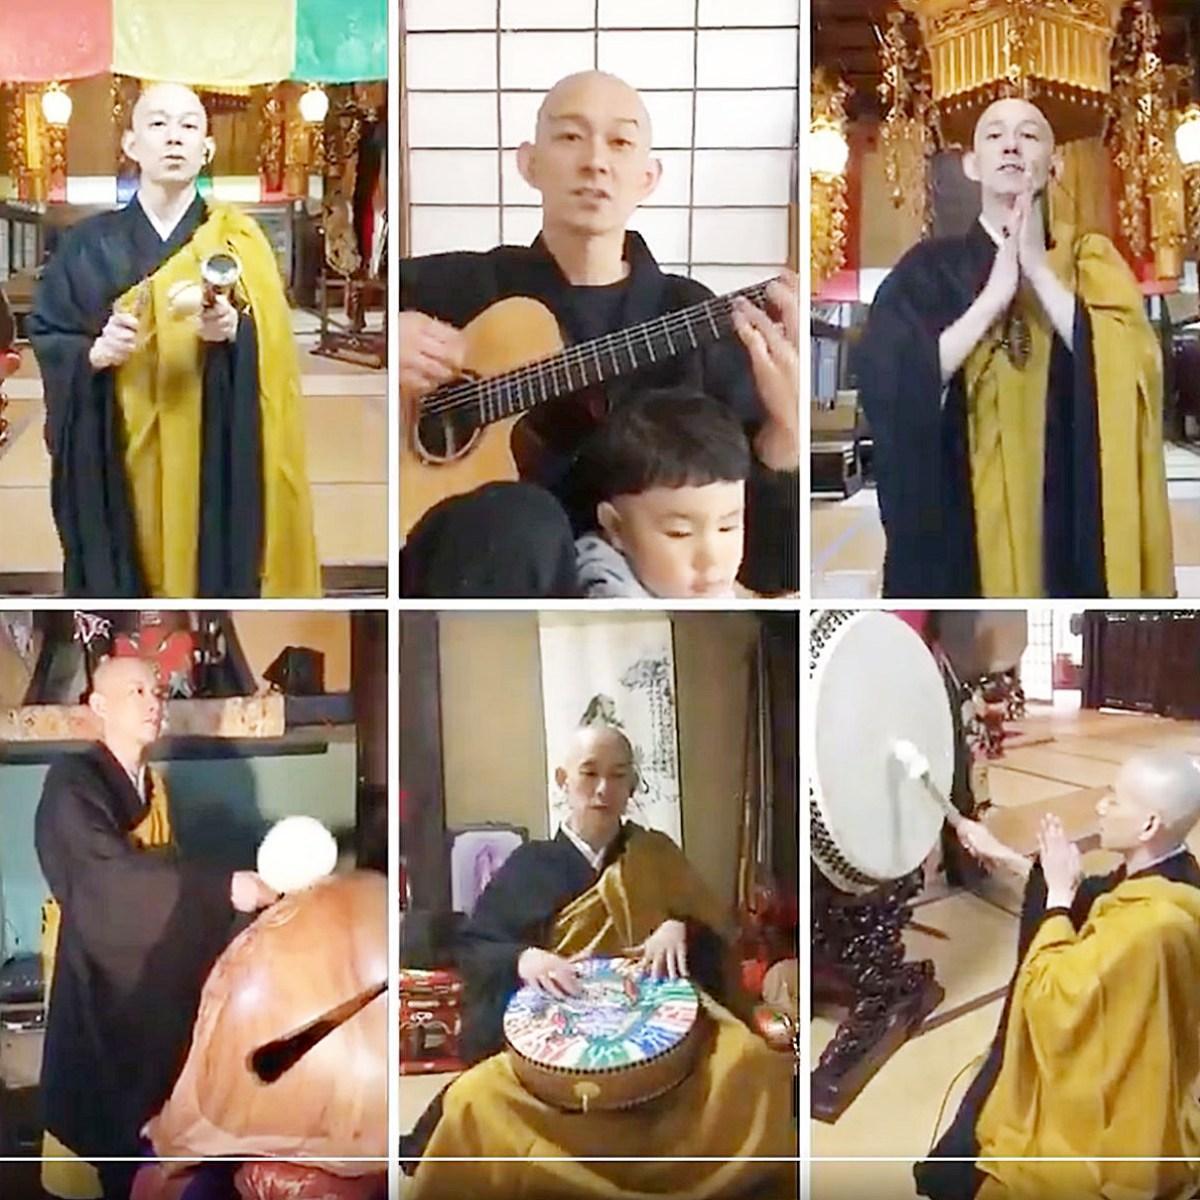 秋田県三種町の「松庵寺」住職でミュージシャンの渡邊英心さんが制作した動画の一場面